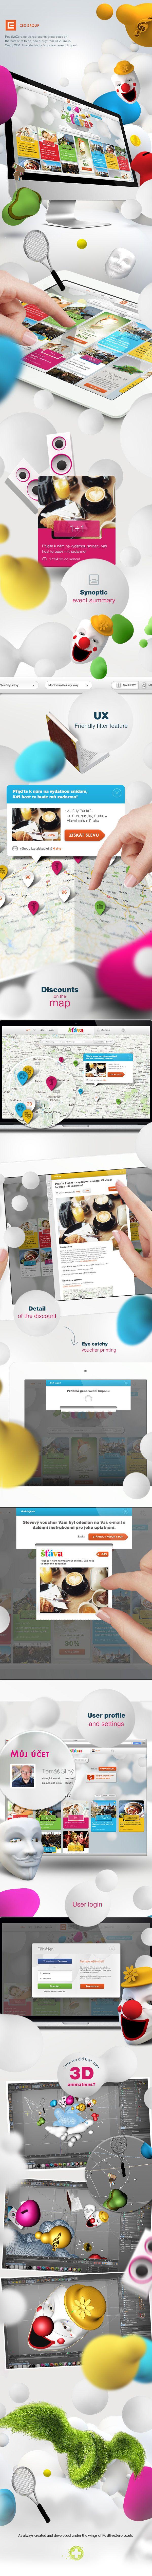 Great deals' and discounts' portal by CEZ by PositiveZero.co.uk , via Behance